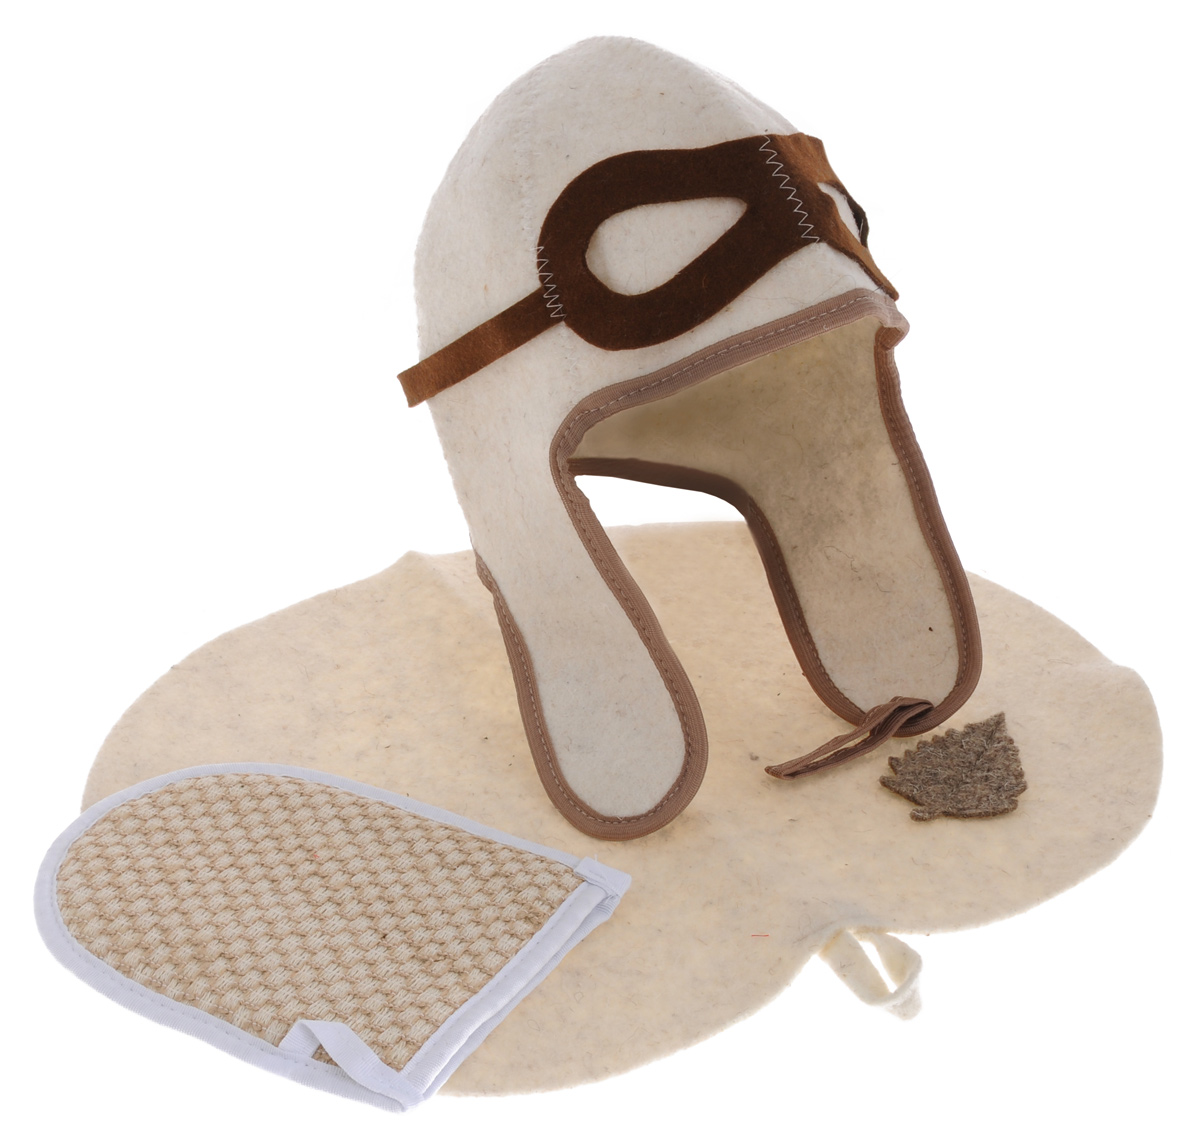 Набор для бани и сауны Главбаня Пилот, цвет: белый, коричневый, 3 предмета. Б32302531-301Набор для бани и сауны Главбаня Пилот состоит из необходимых аксессуаров, для того чтобы банный поход принес вам только радость. В набор входят: Шапка из войлока, выполненная в виде летного шлема. Это незаменимая вещь в парной. Она необходима для того, чтобы не перегреть голову. Мочалка средней жесткости из крапивы и хлопка. Оказывает нежное массажное и прекрасное отшелушивающее воздействие на кожу.Коврик из войлока, украшенный аппликацией в виде листочка. Он убережет вас от горячей полки и защитит в общественной бане. Размер коврика: 43 см х 31 см. Размер мочалки: 19 см х 15,5 см. Обхват головы: 64 см. Высота шапки: 34 см.